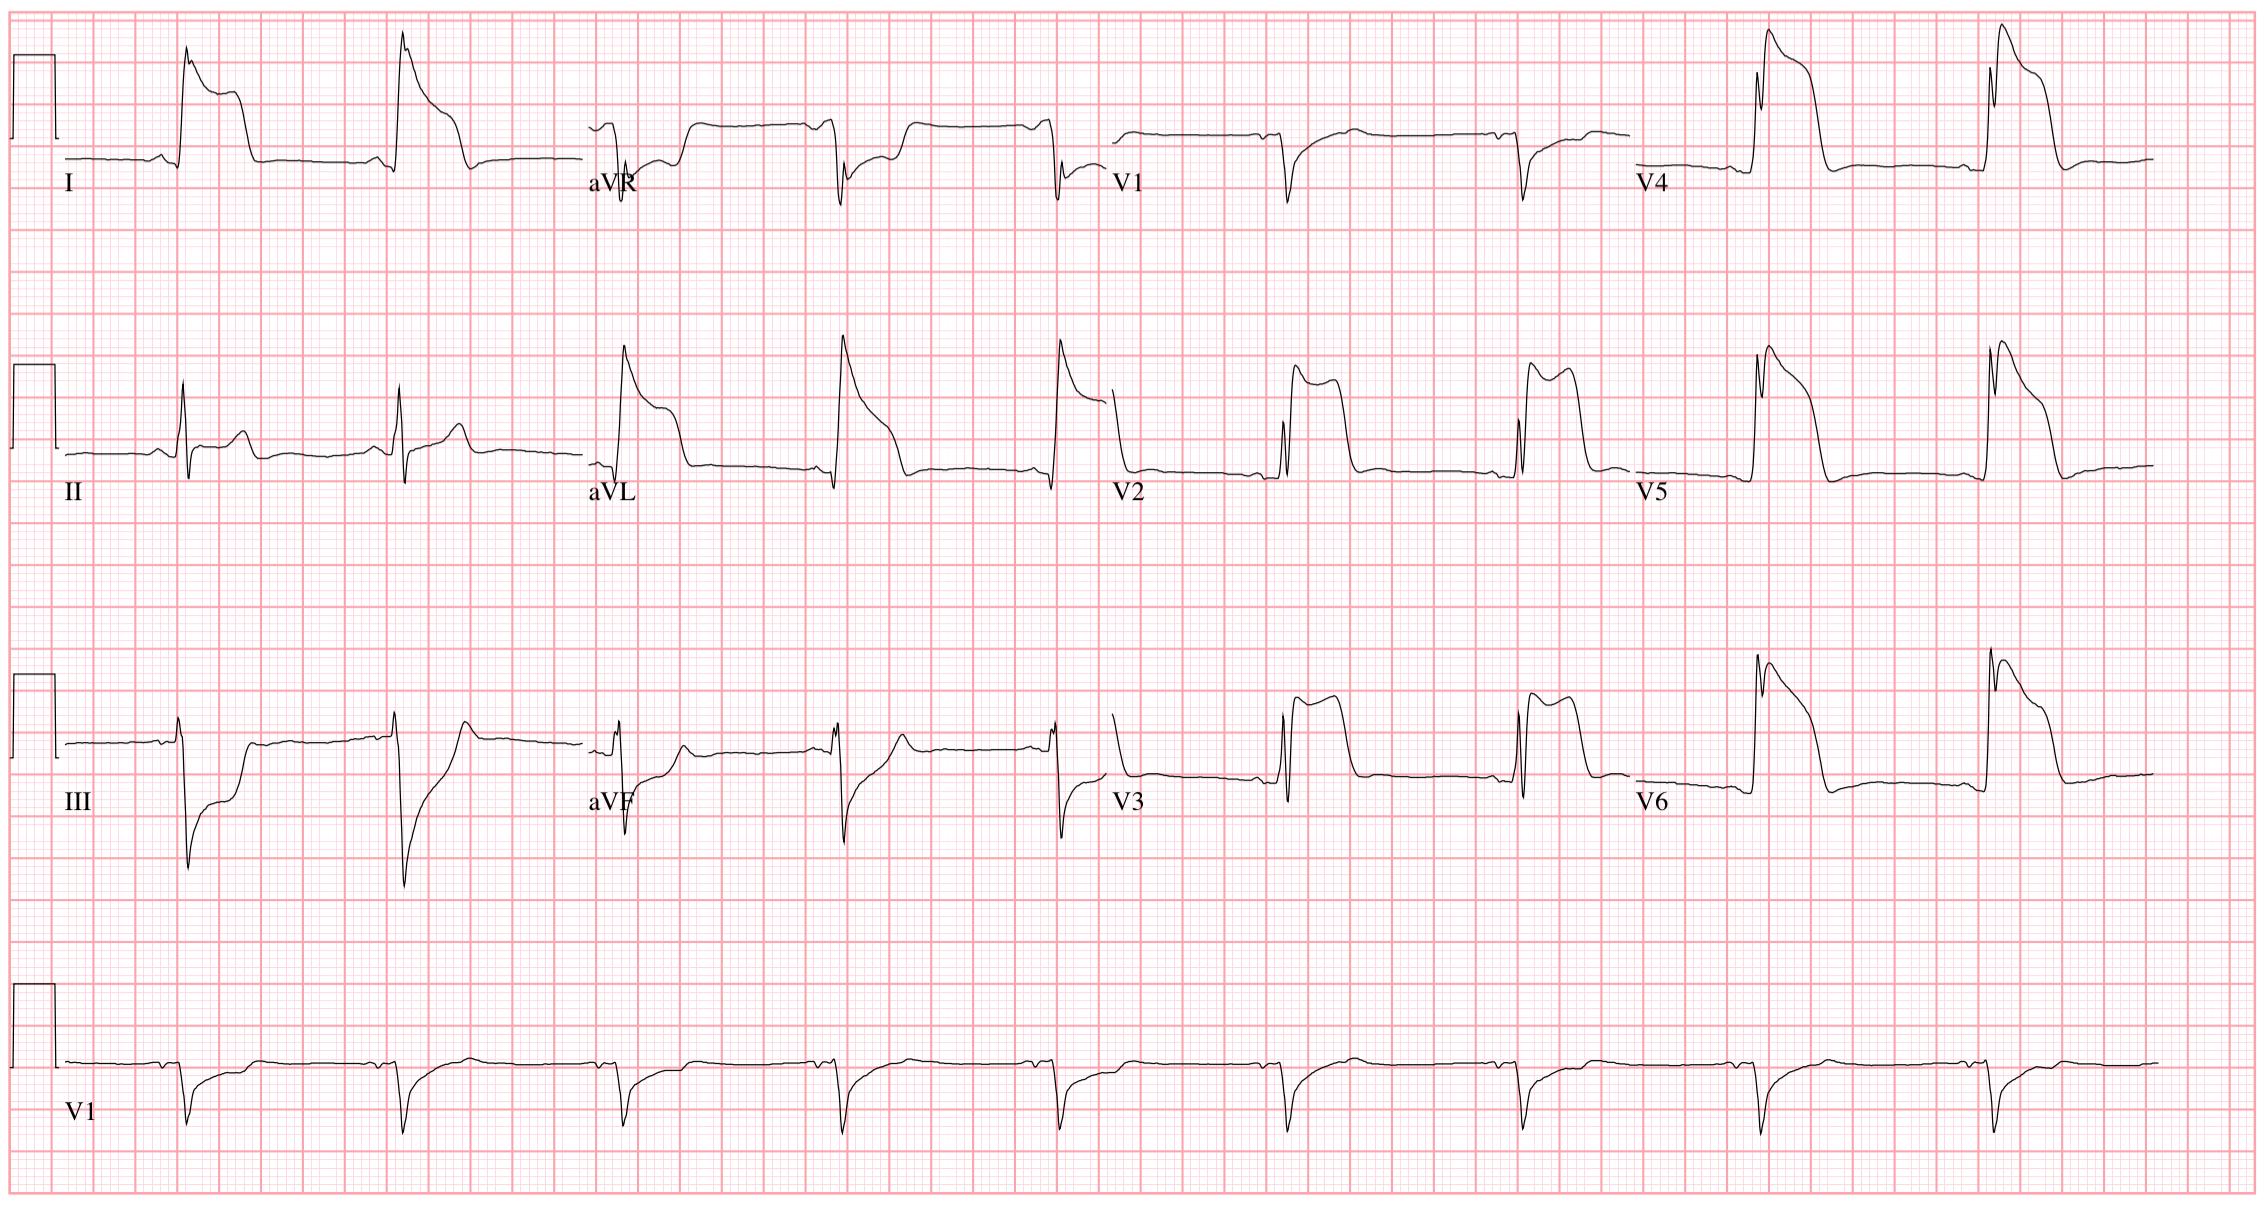 EKG a magas vérnyomás következtetésére retinopathia hipertónia